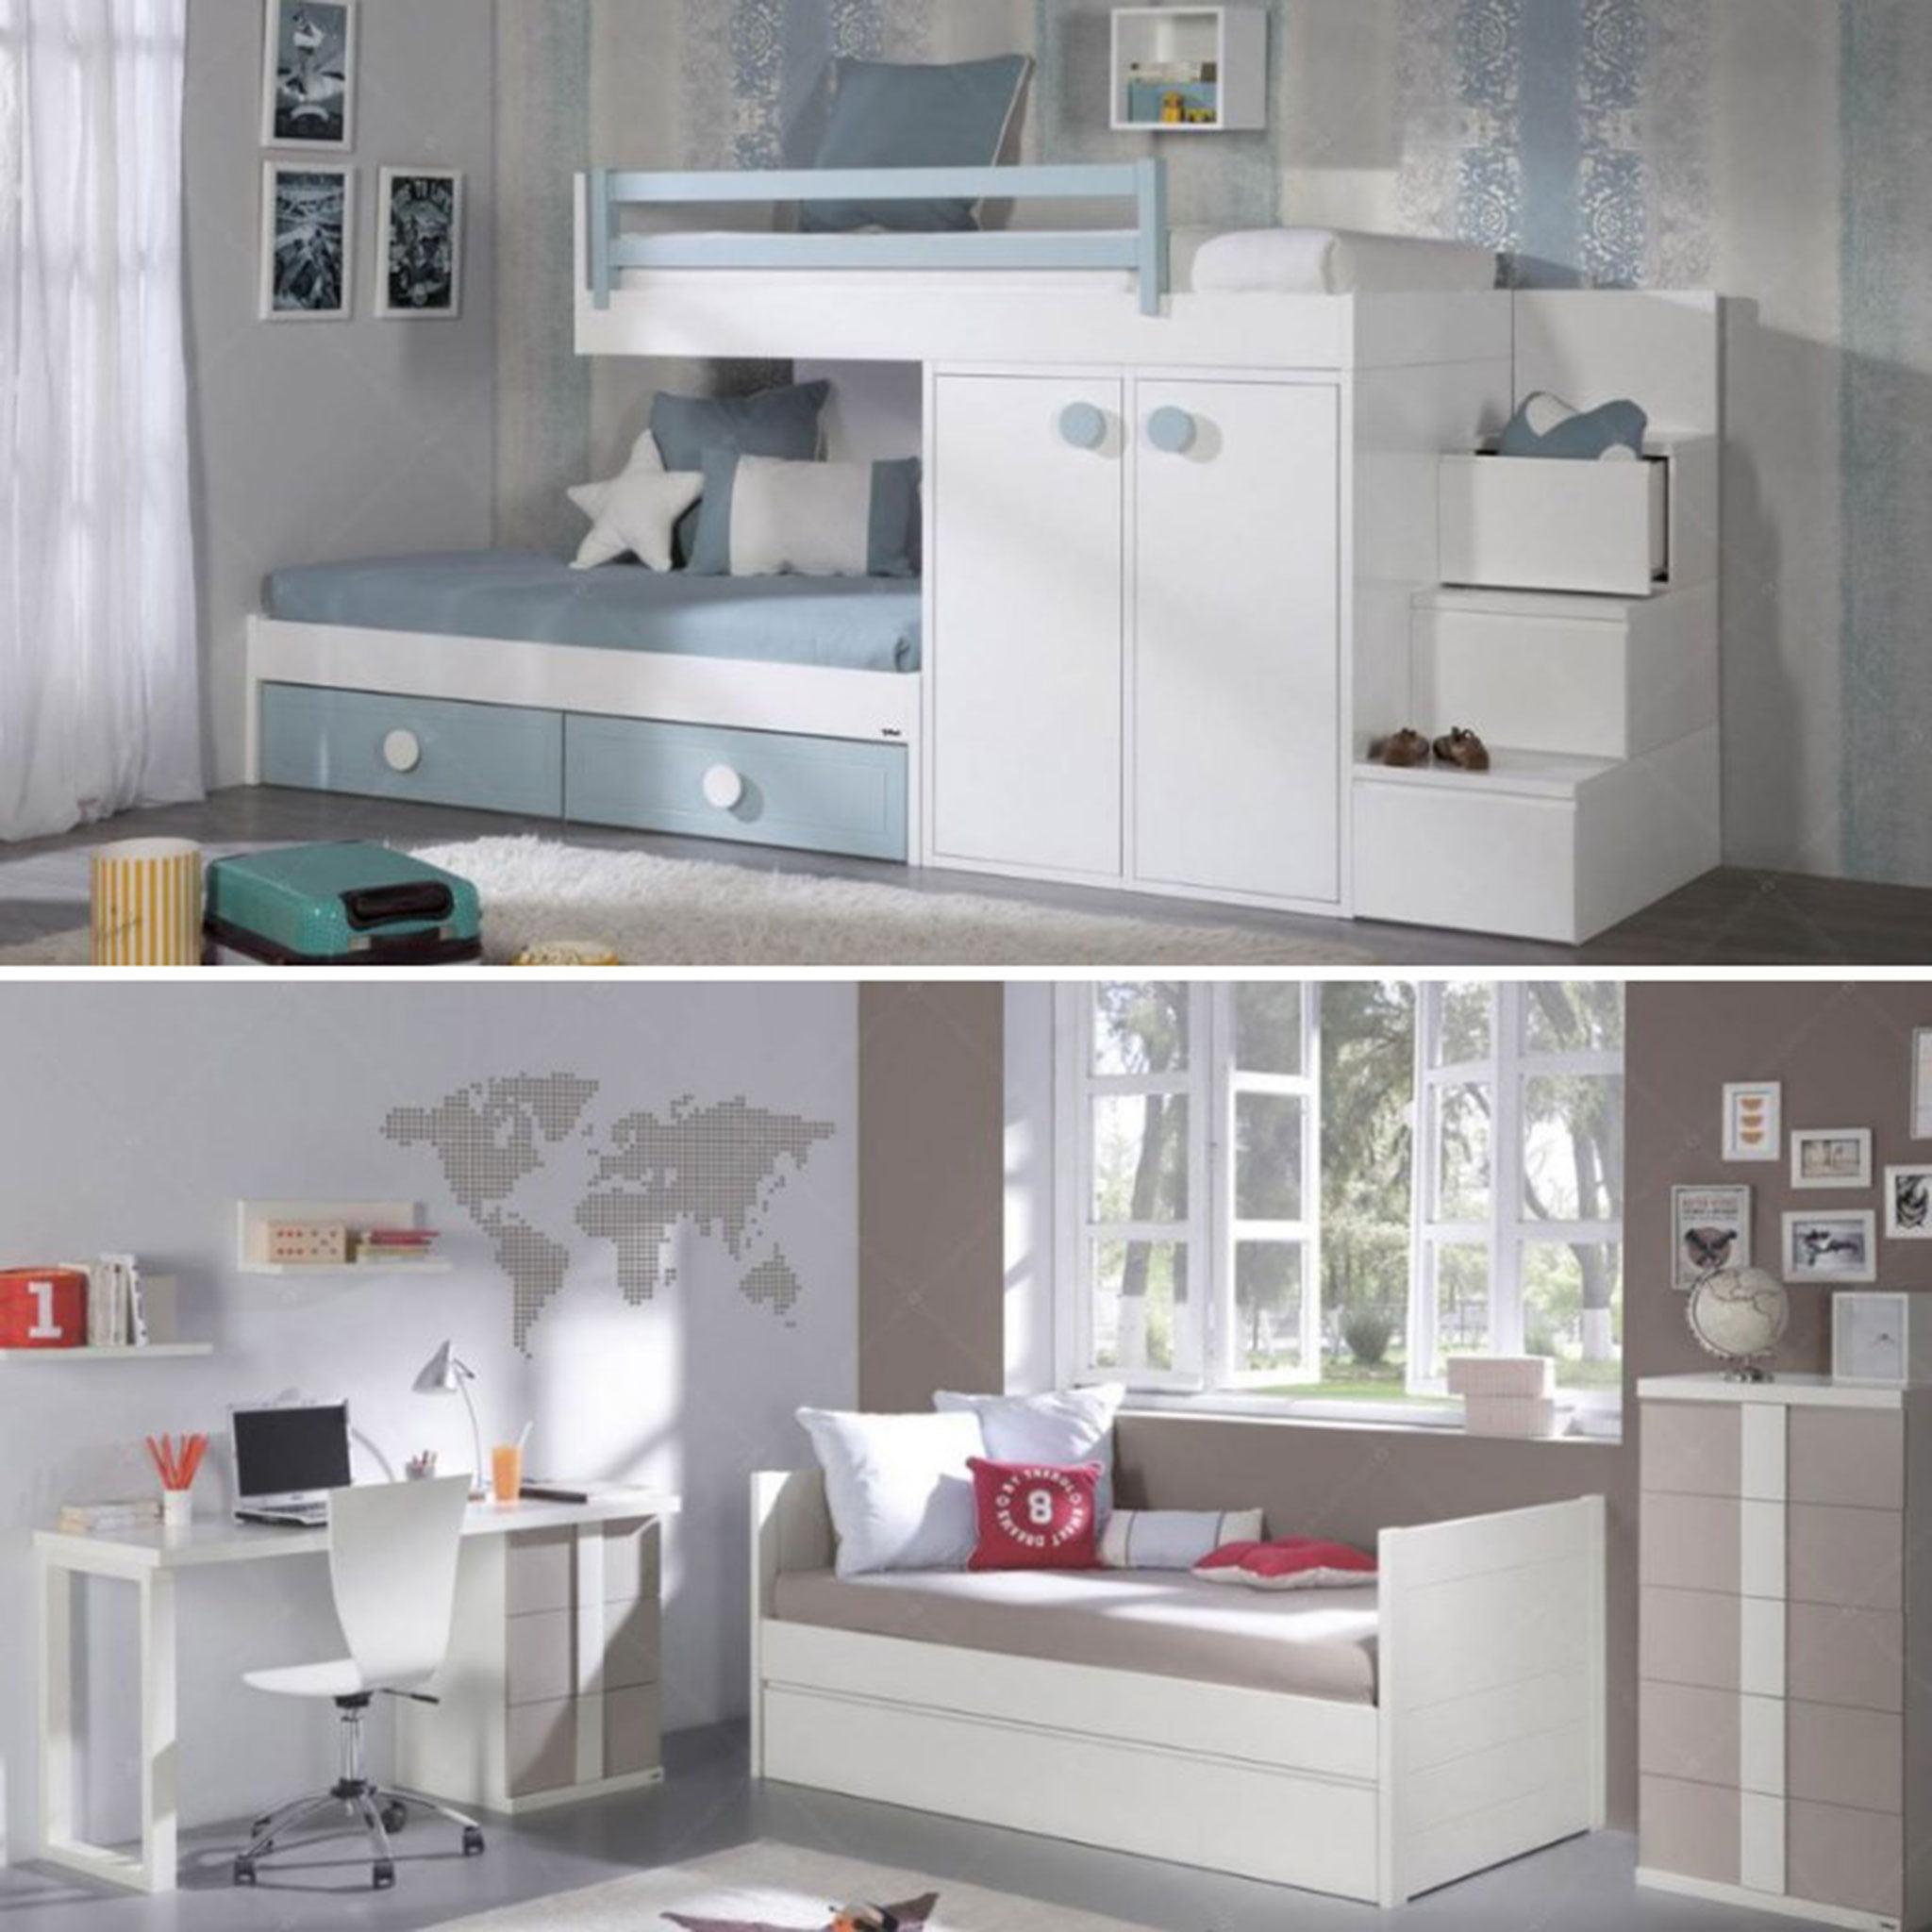 Transformation d'une chambre d'enfants en chambre de jeunes - Muebles Martínez